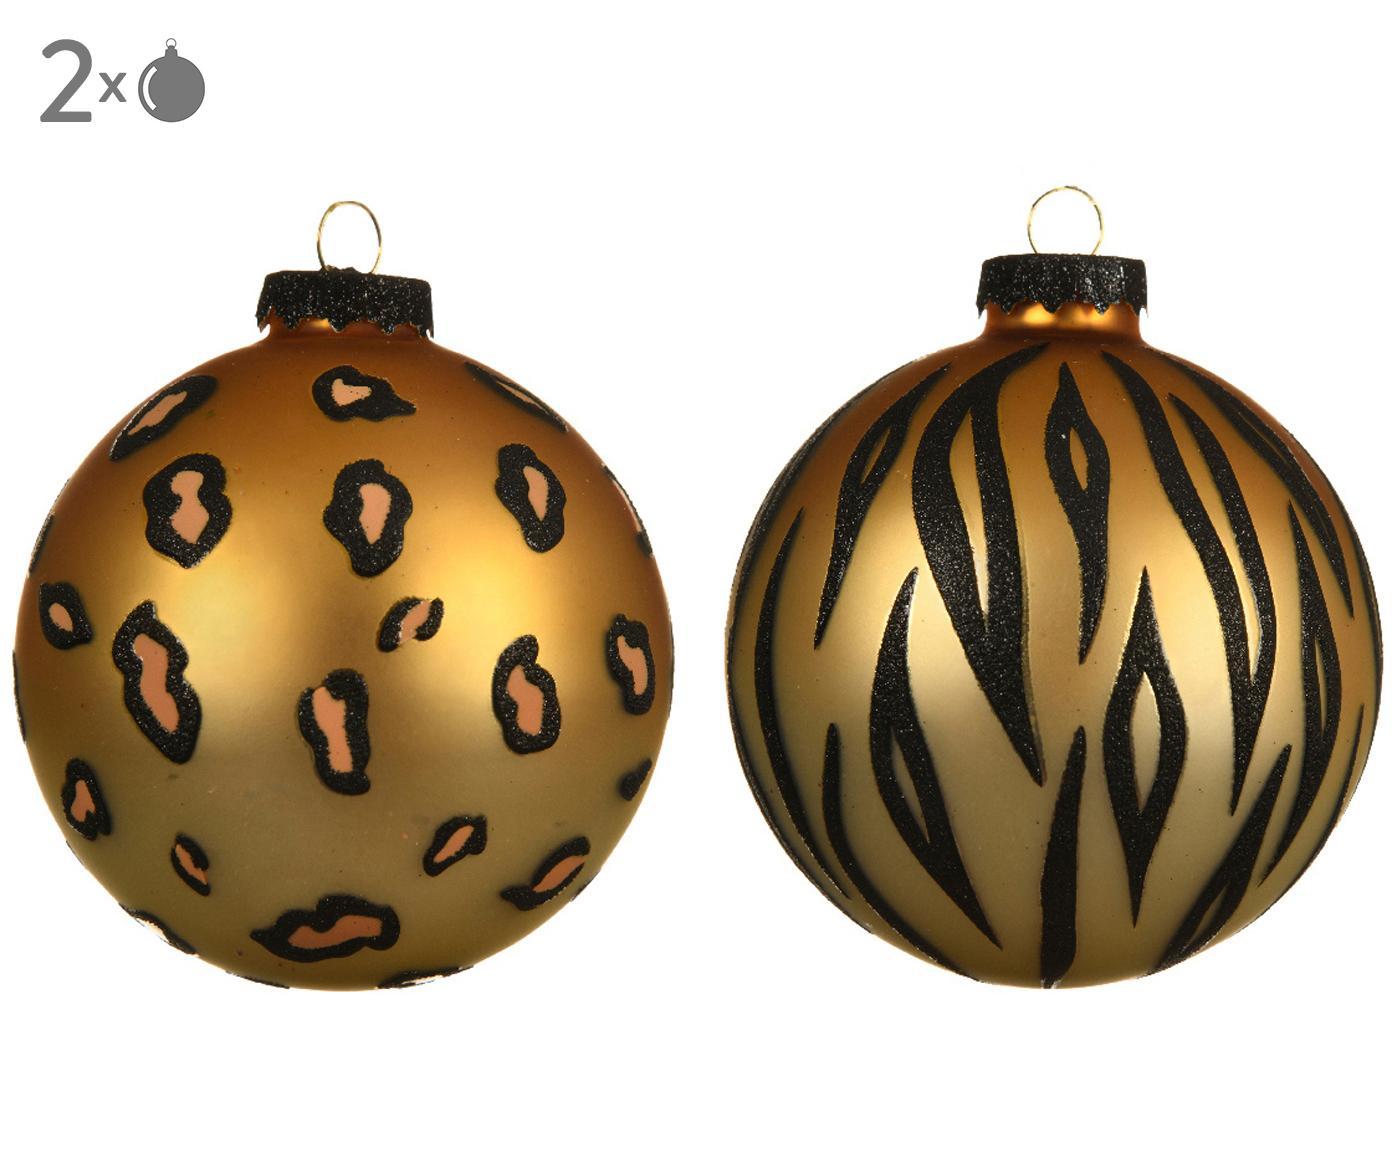 Kerstballenset Cats, 2-delig, Goudkleurig, zwart, Ø 8 cm